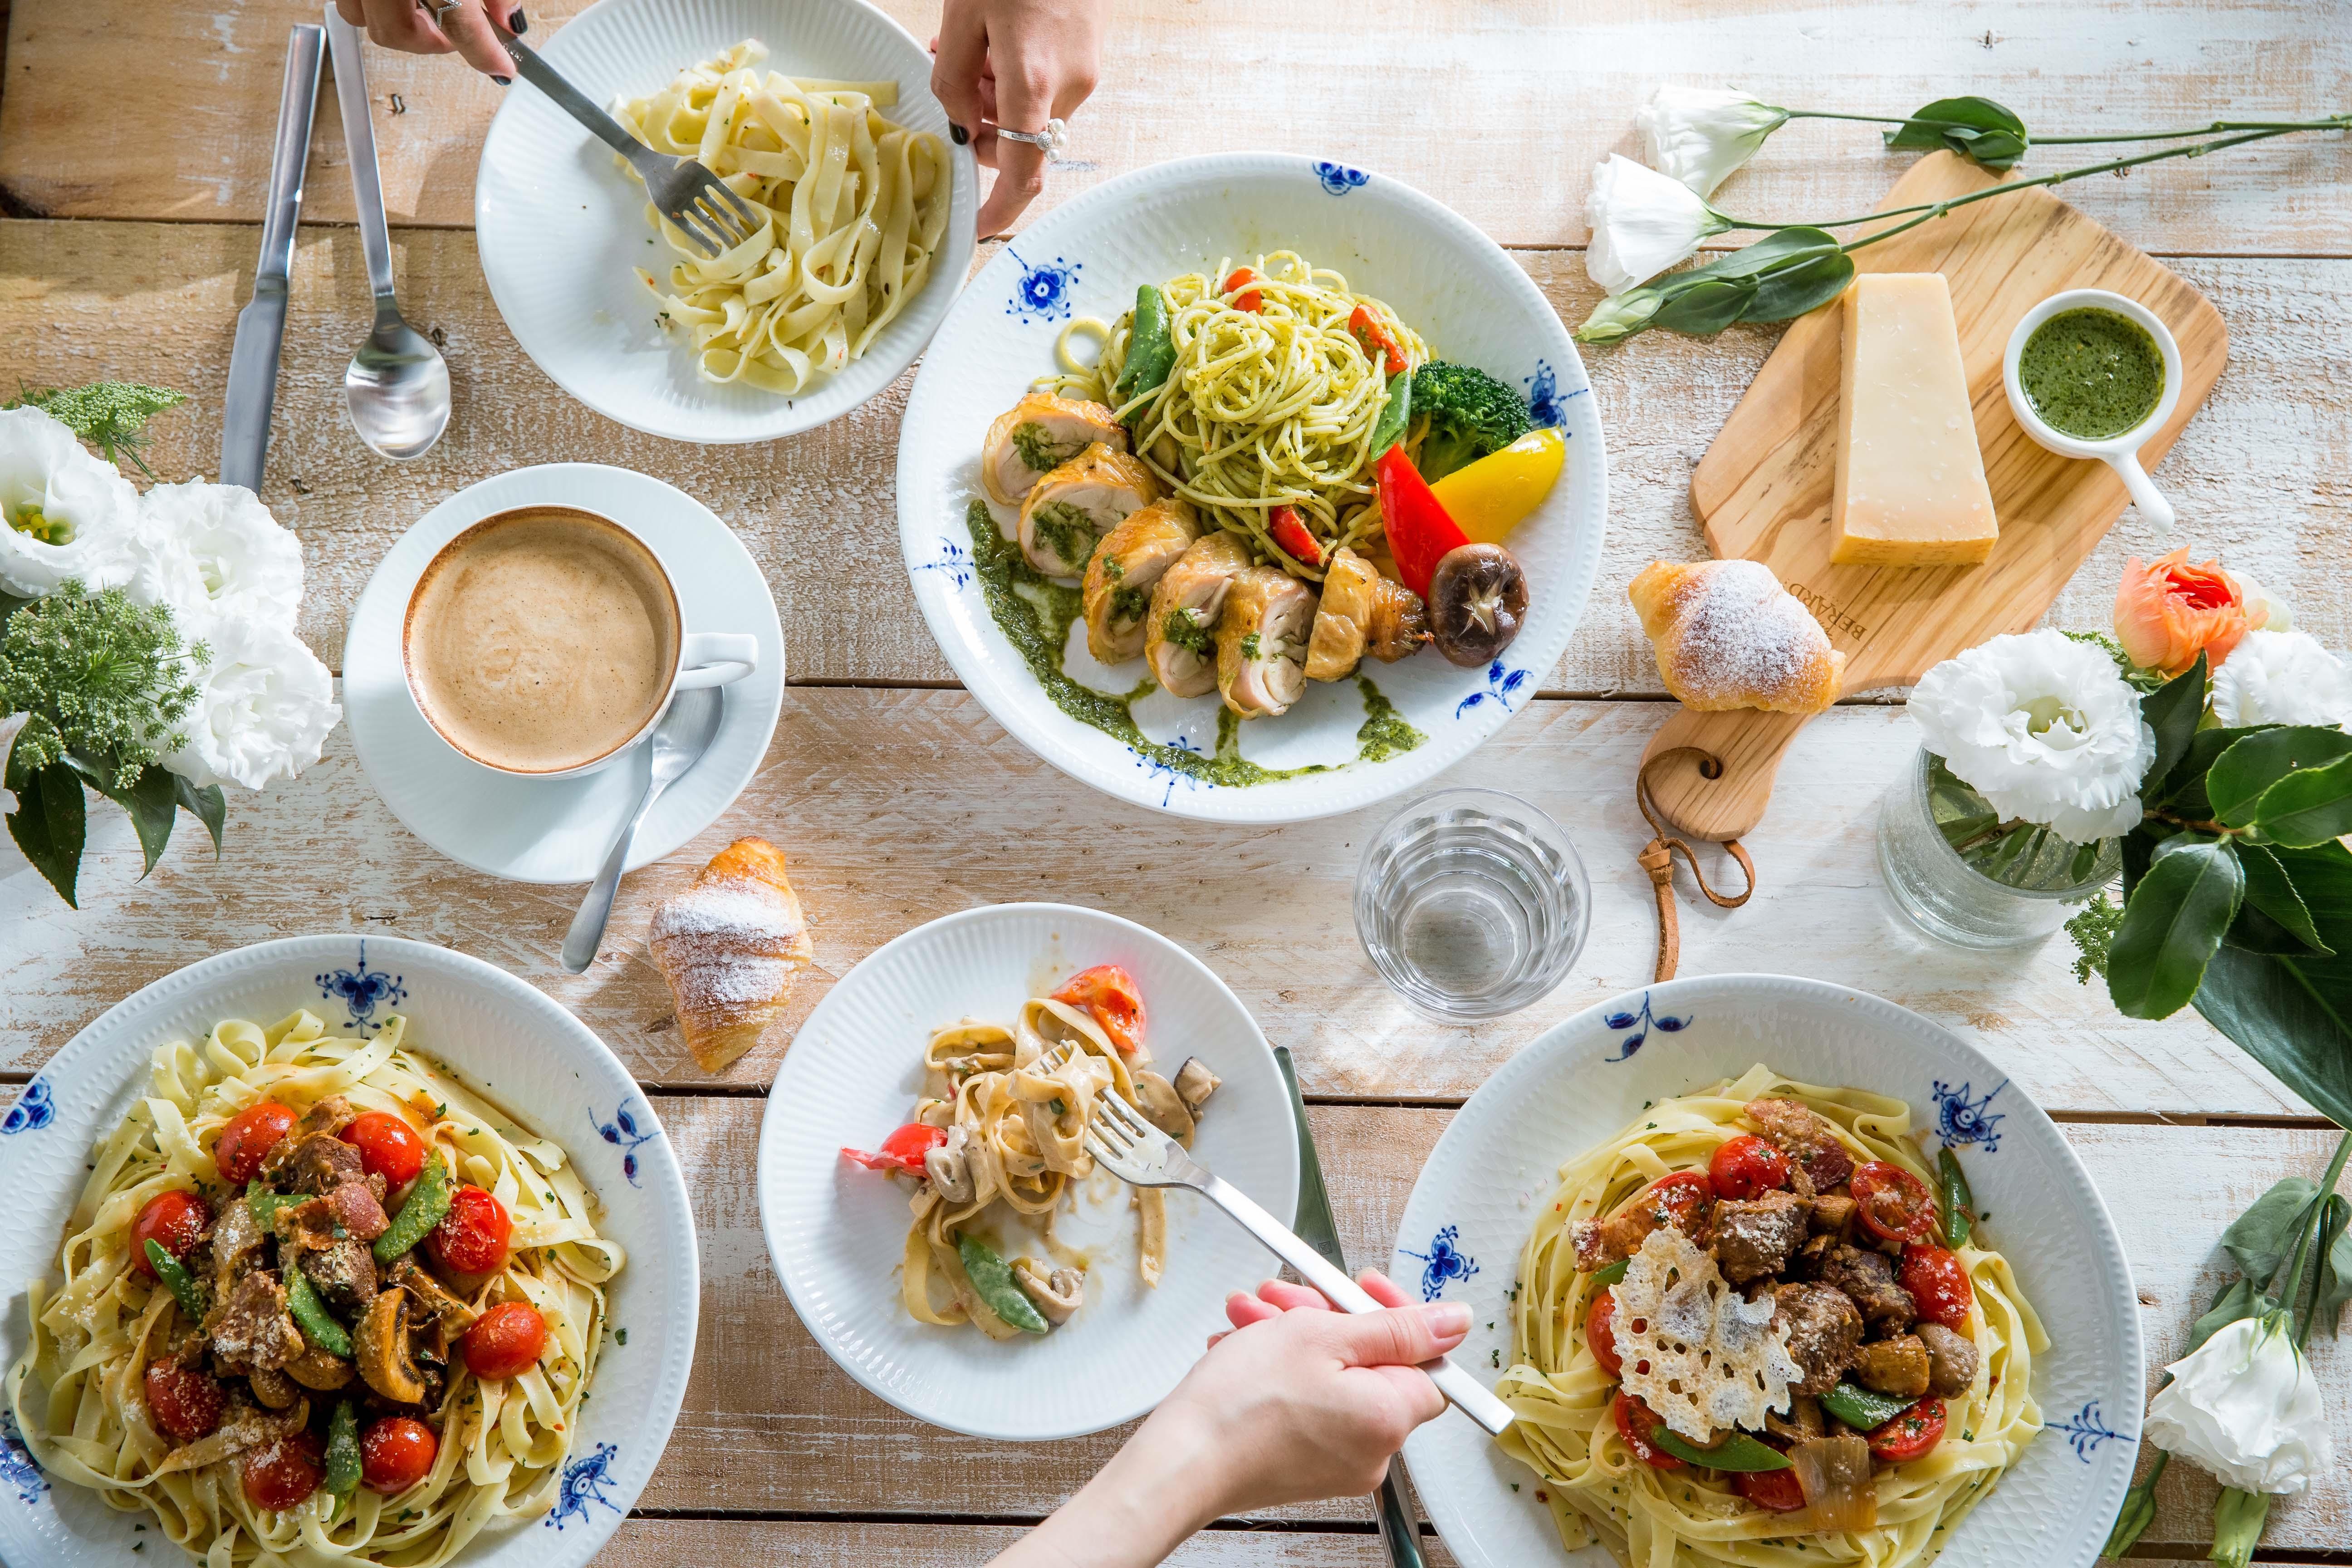 高雄福華大飯店HOVII Café加入「高雄好家載」_ 輕鬆自在的價格享受五星飯店好味料理